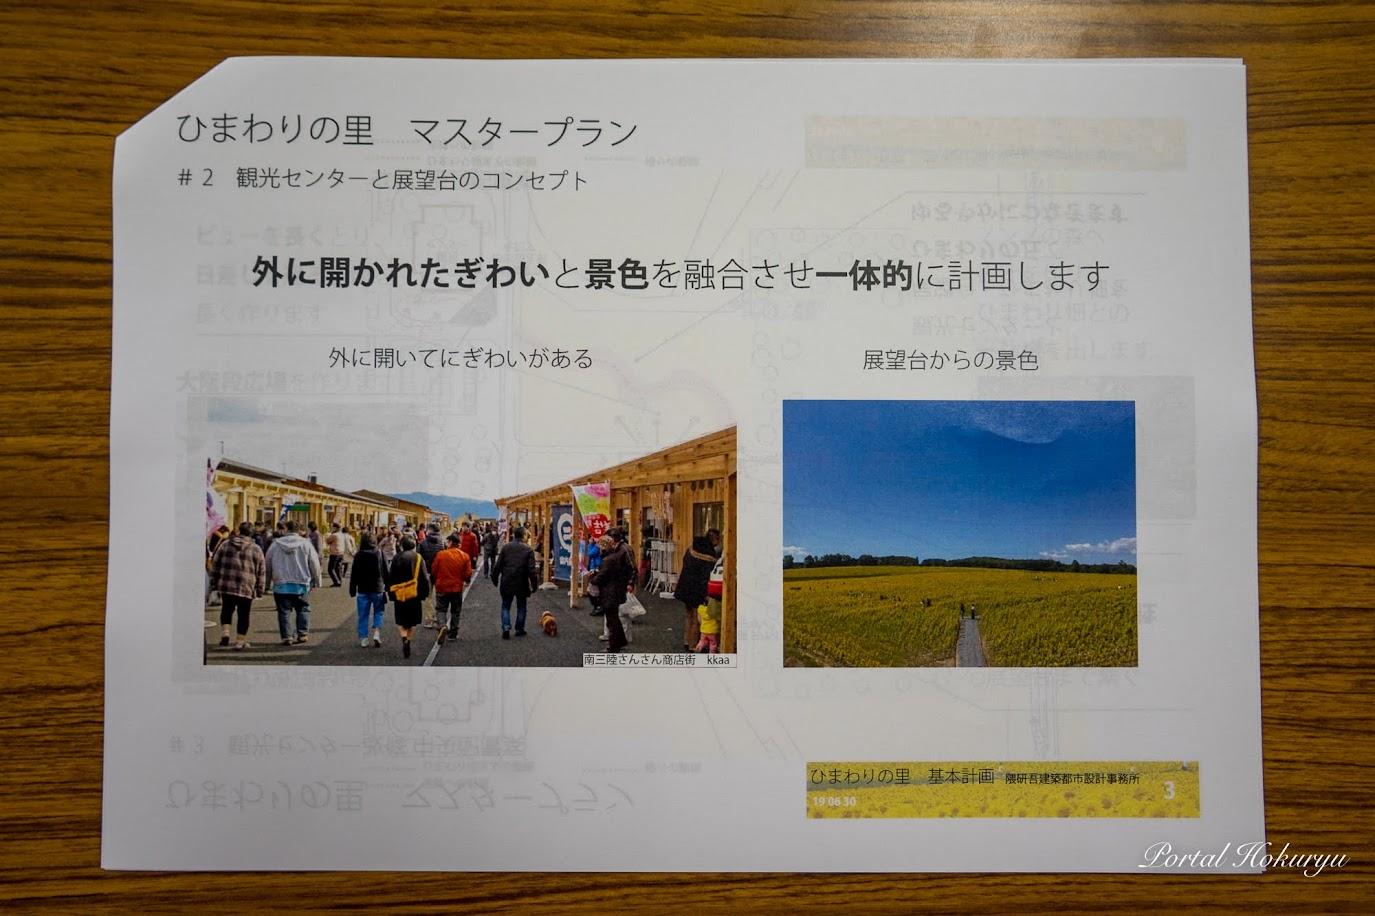 観光センターと展望台のコンセプト